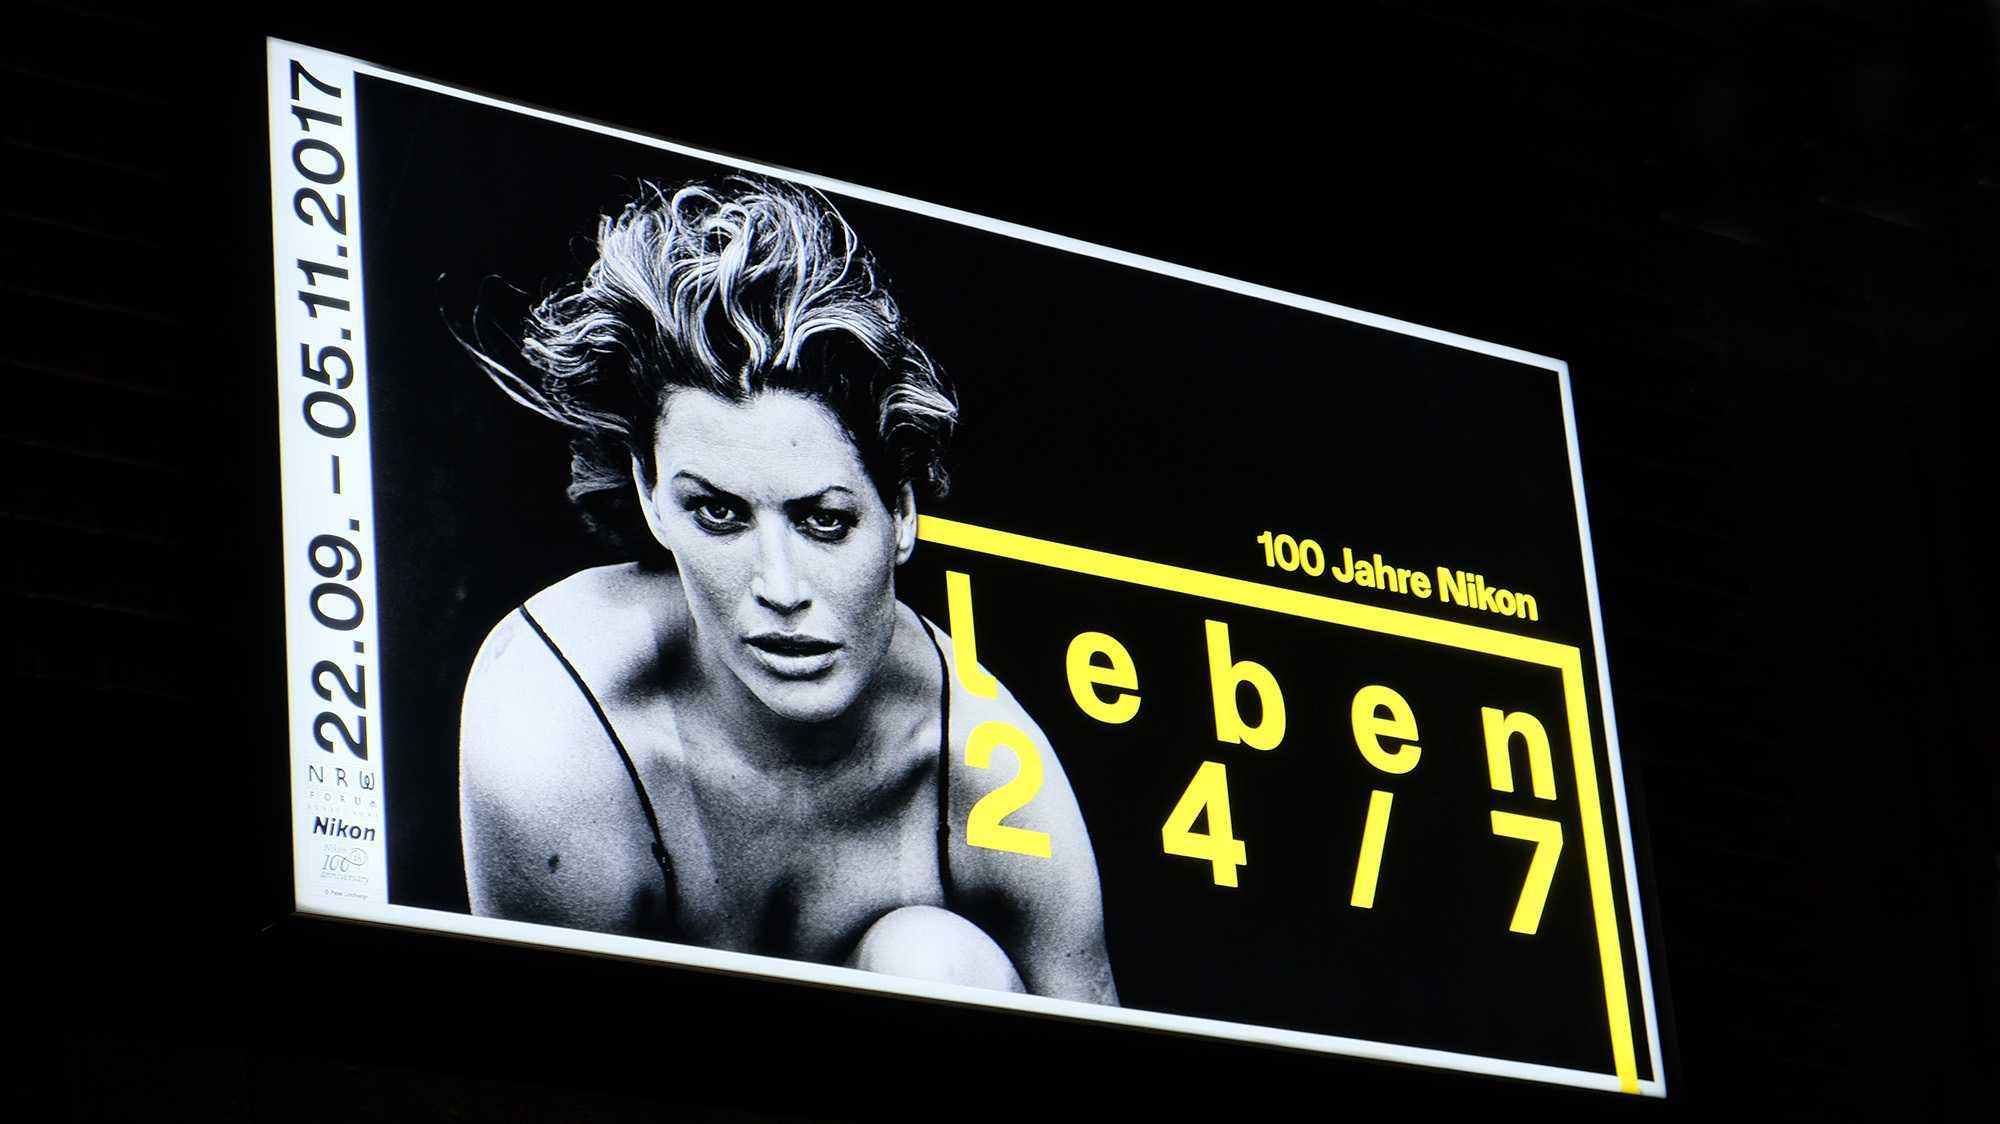 Fotoausstellung und Preisverleihung zu Nikons 100-jährigem